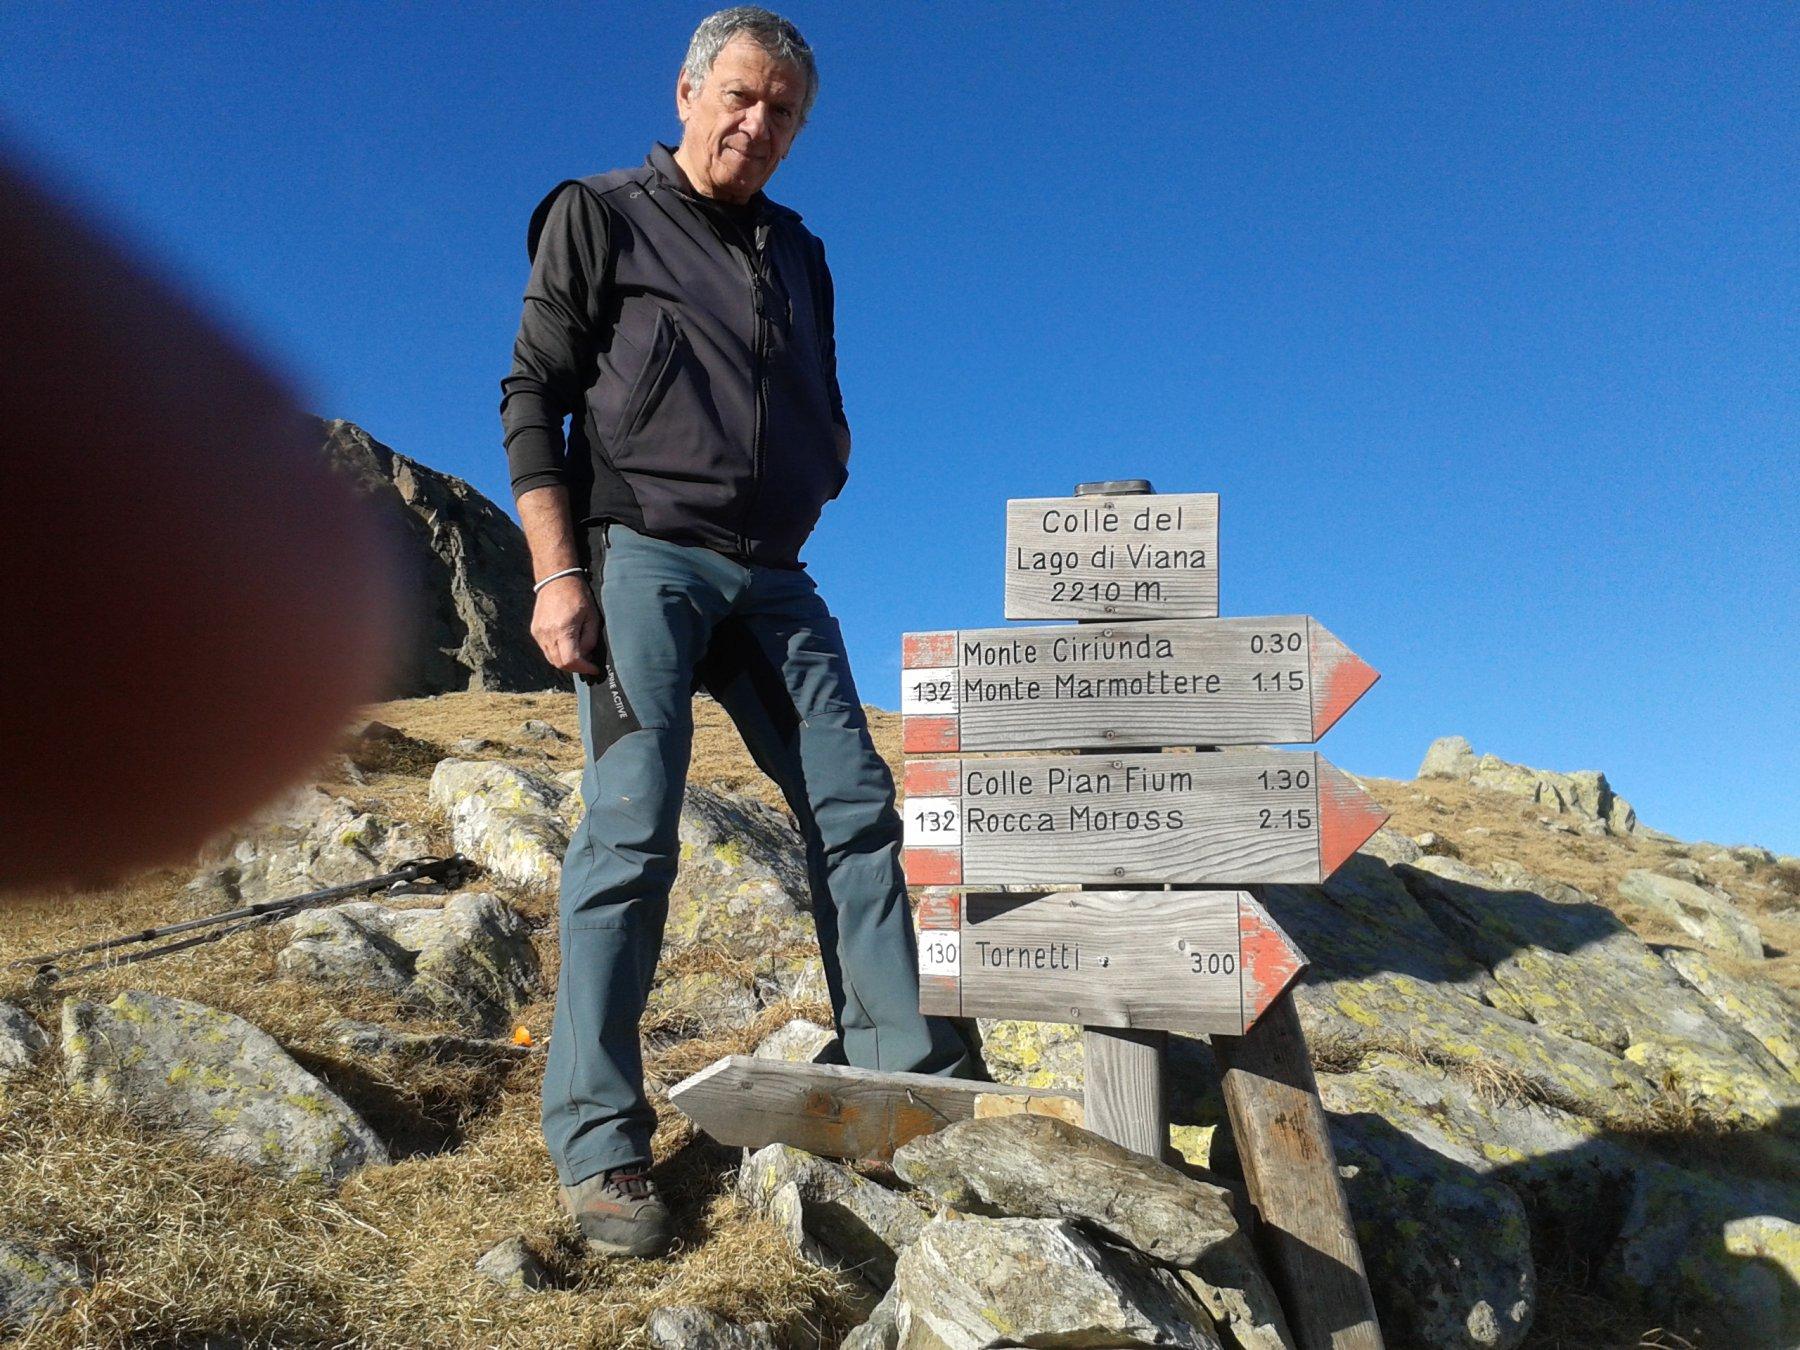 Pippo ed il cartello riposizionato al colle del lago di Viana